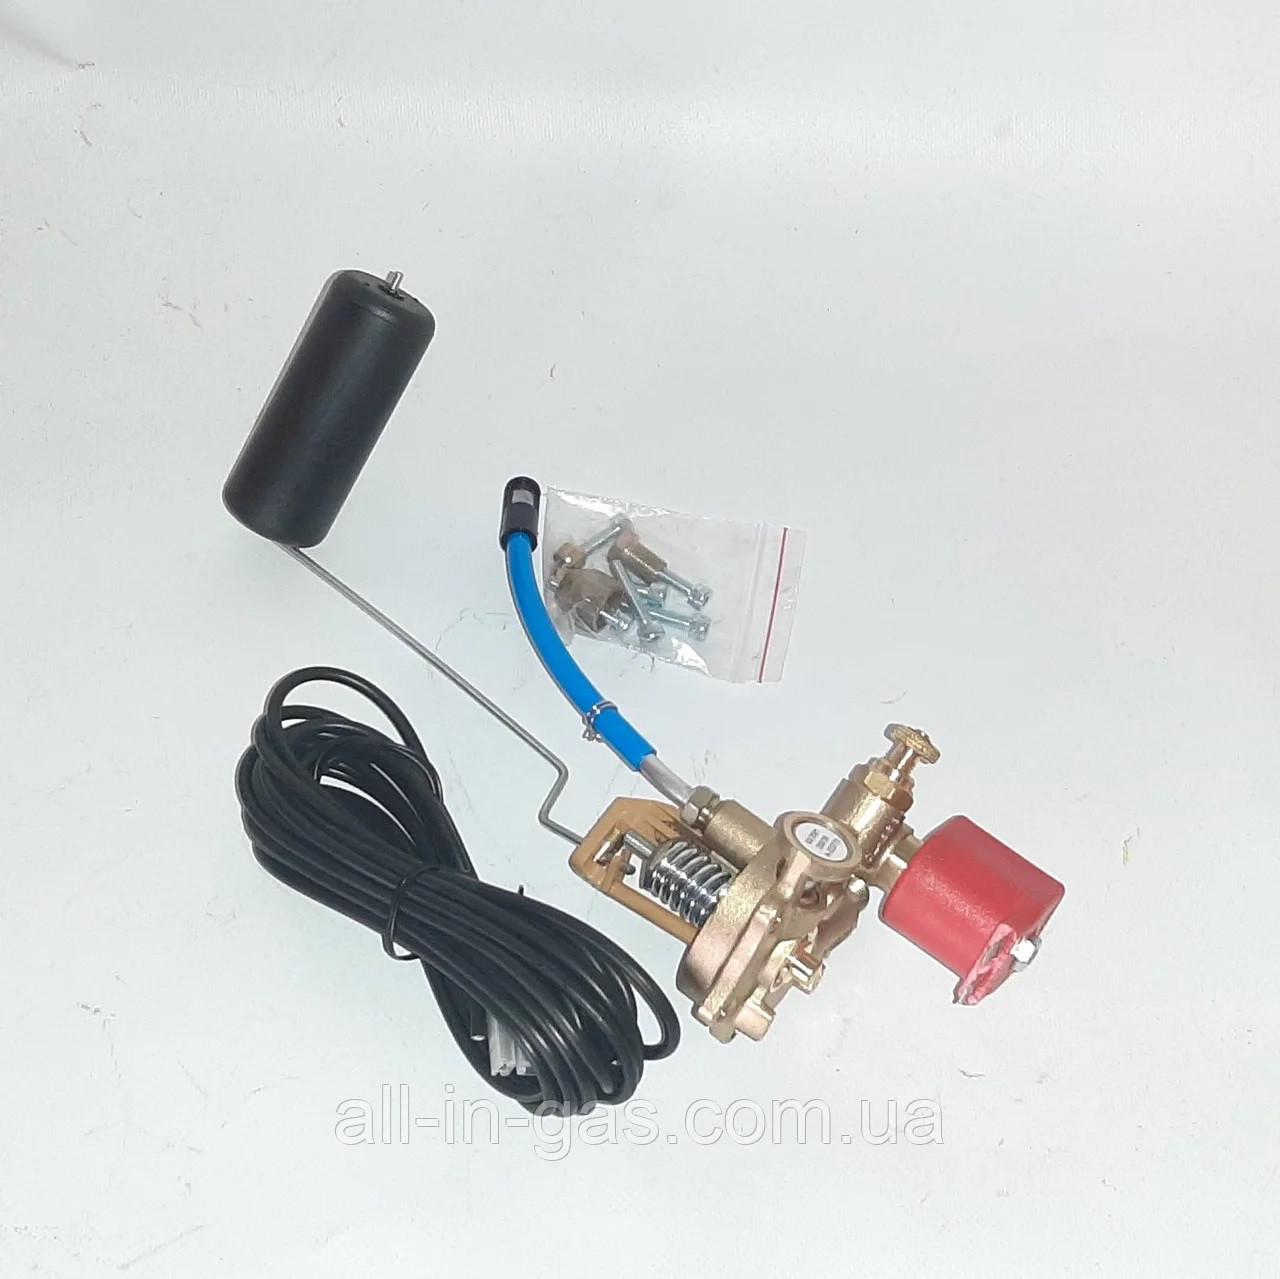 Мультиклапан AstarGas EXTRA циліндричний 315/30 з котушкою M00008 AstarGas